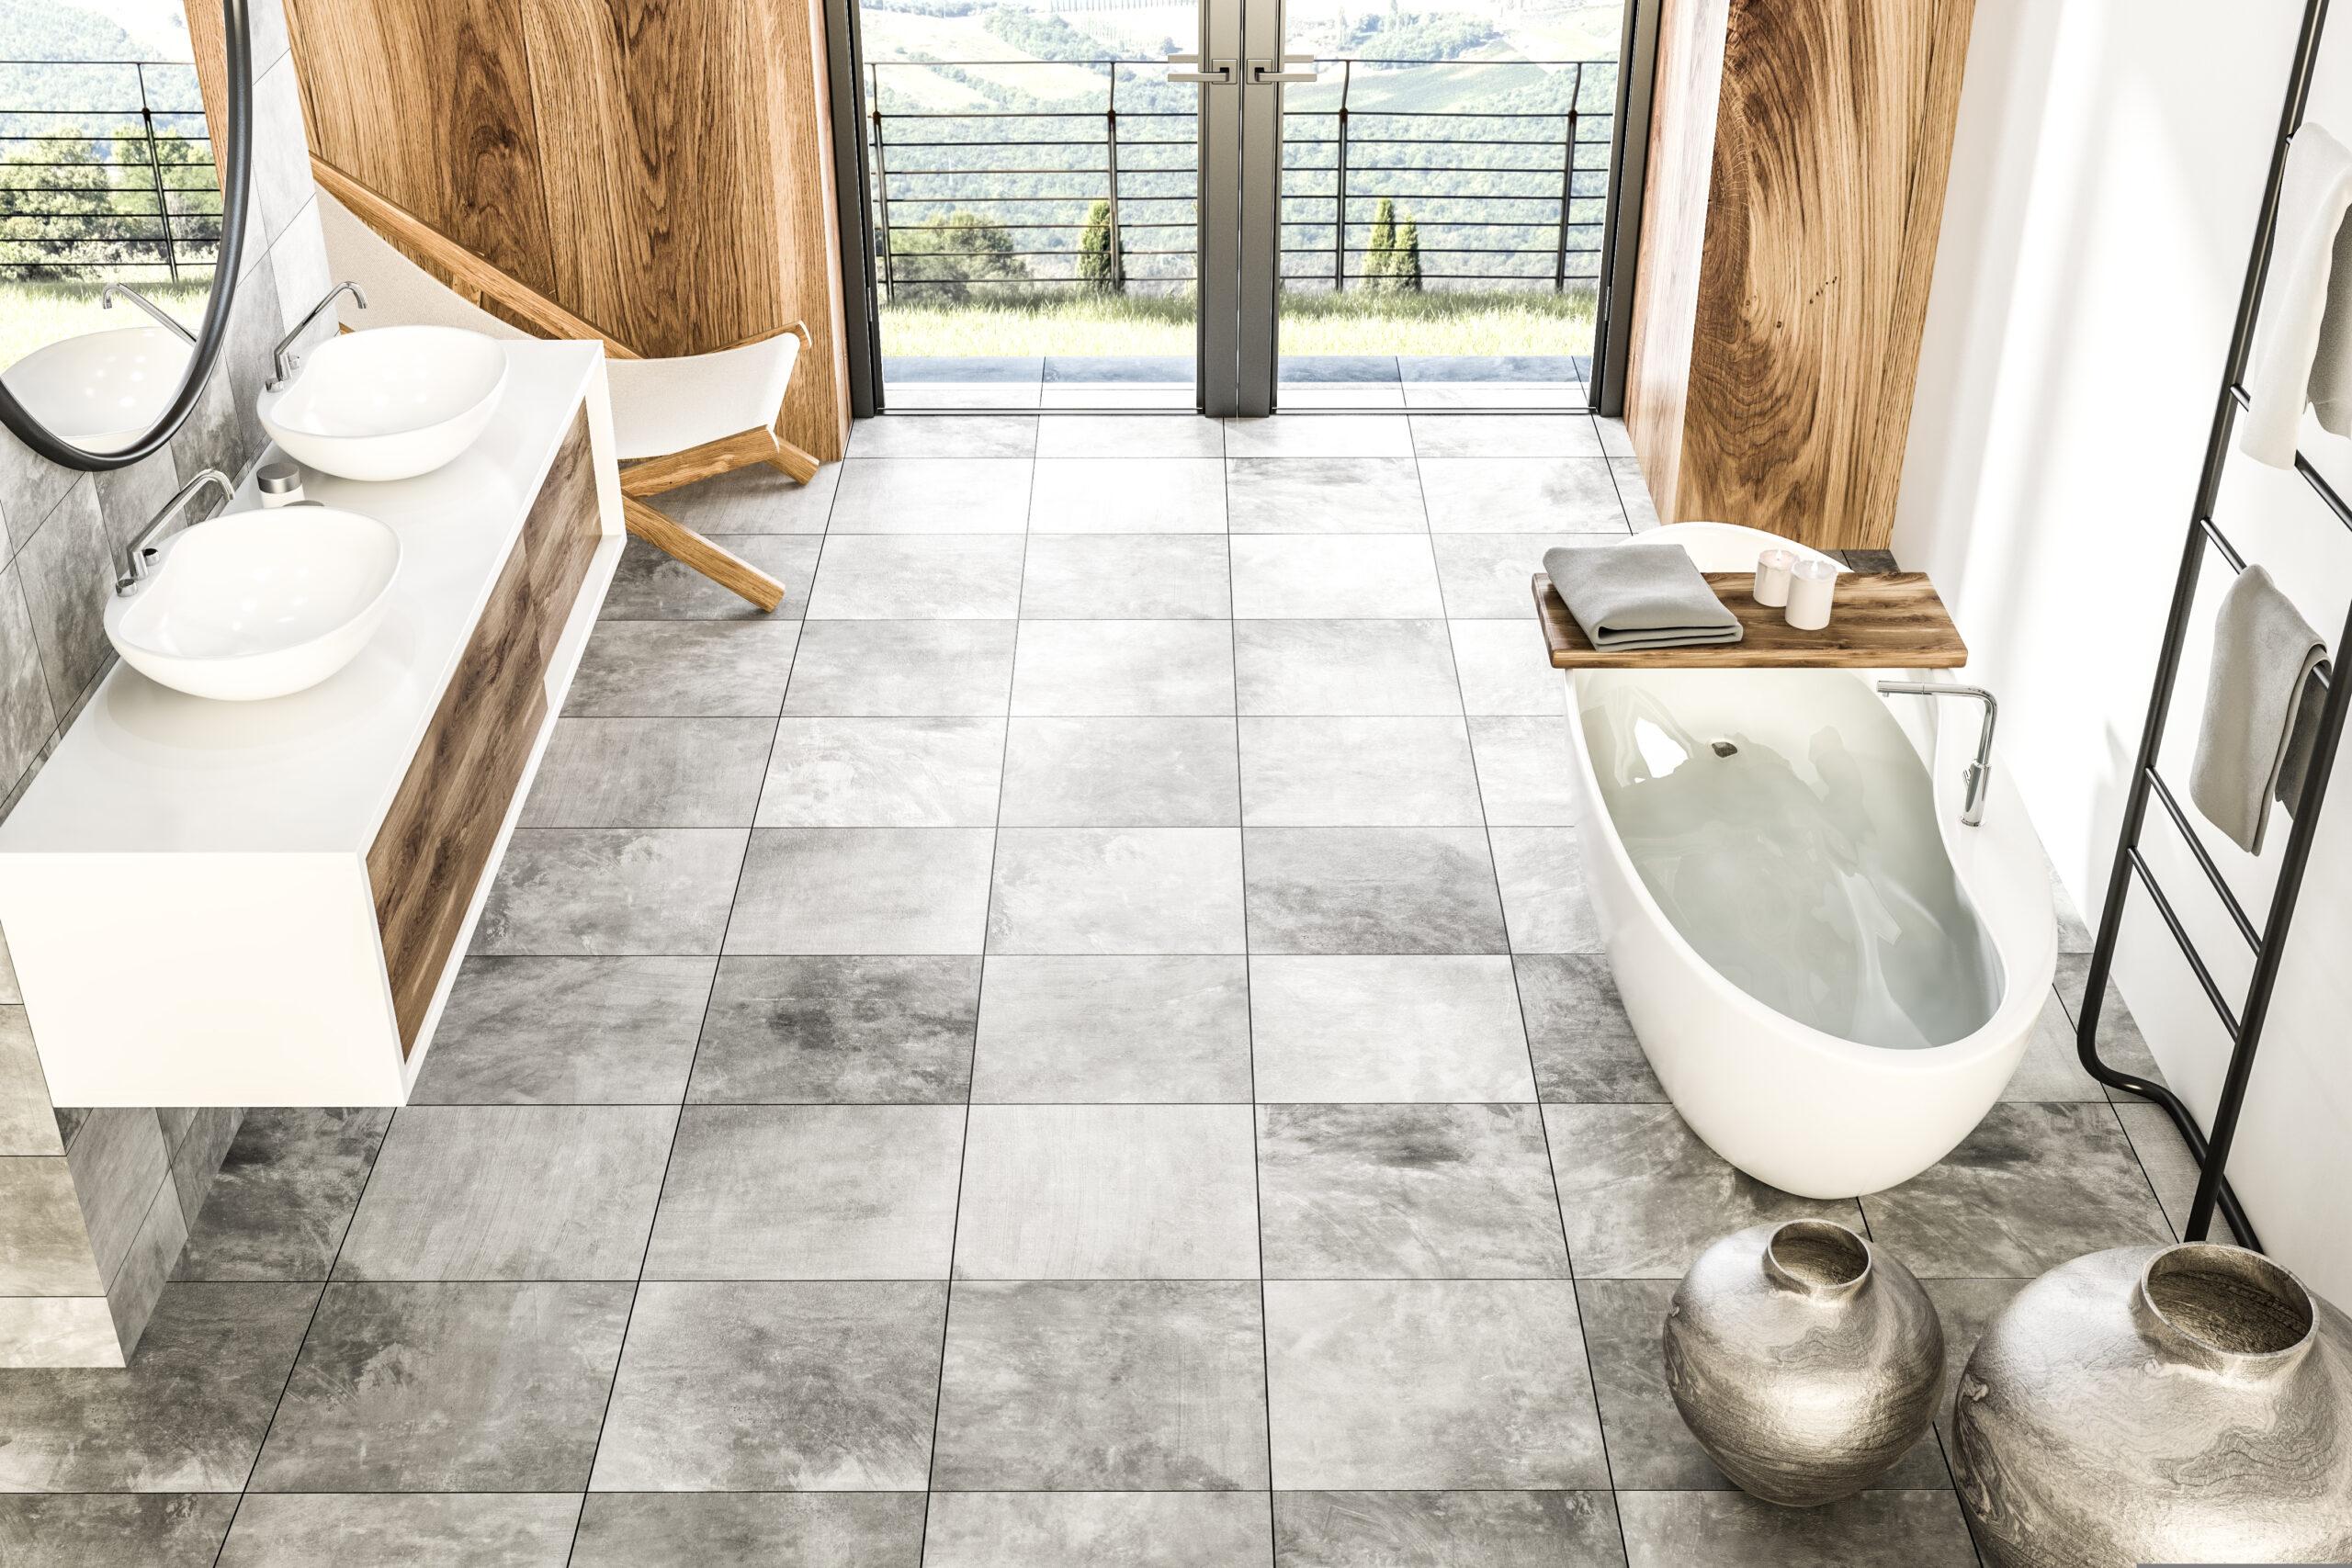 dekorativt-baderom-grå-marmorfliser-treverk-badekar-to-servanter